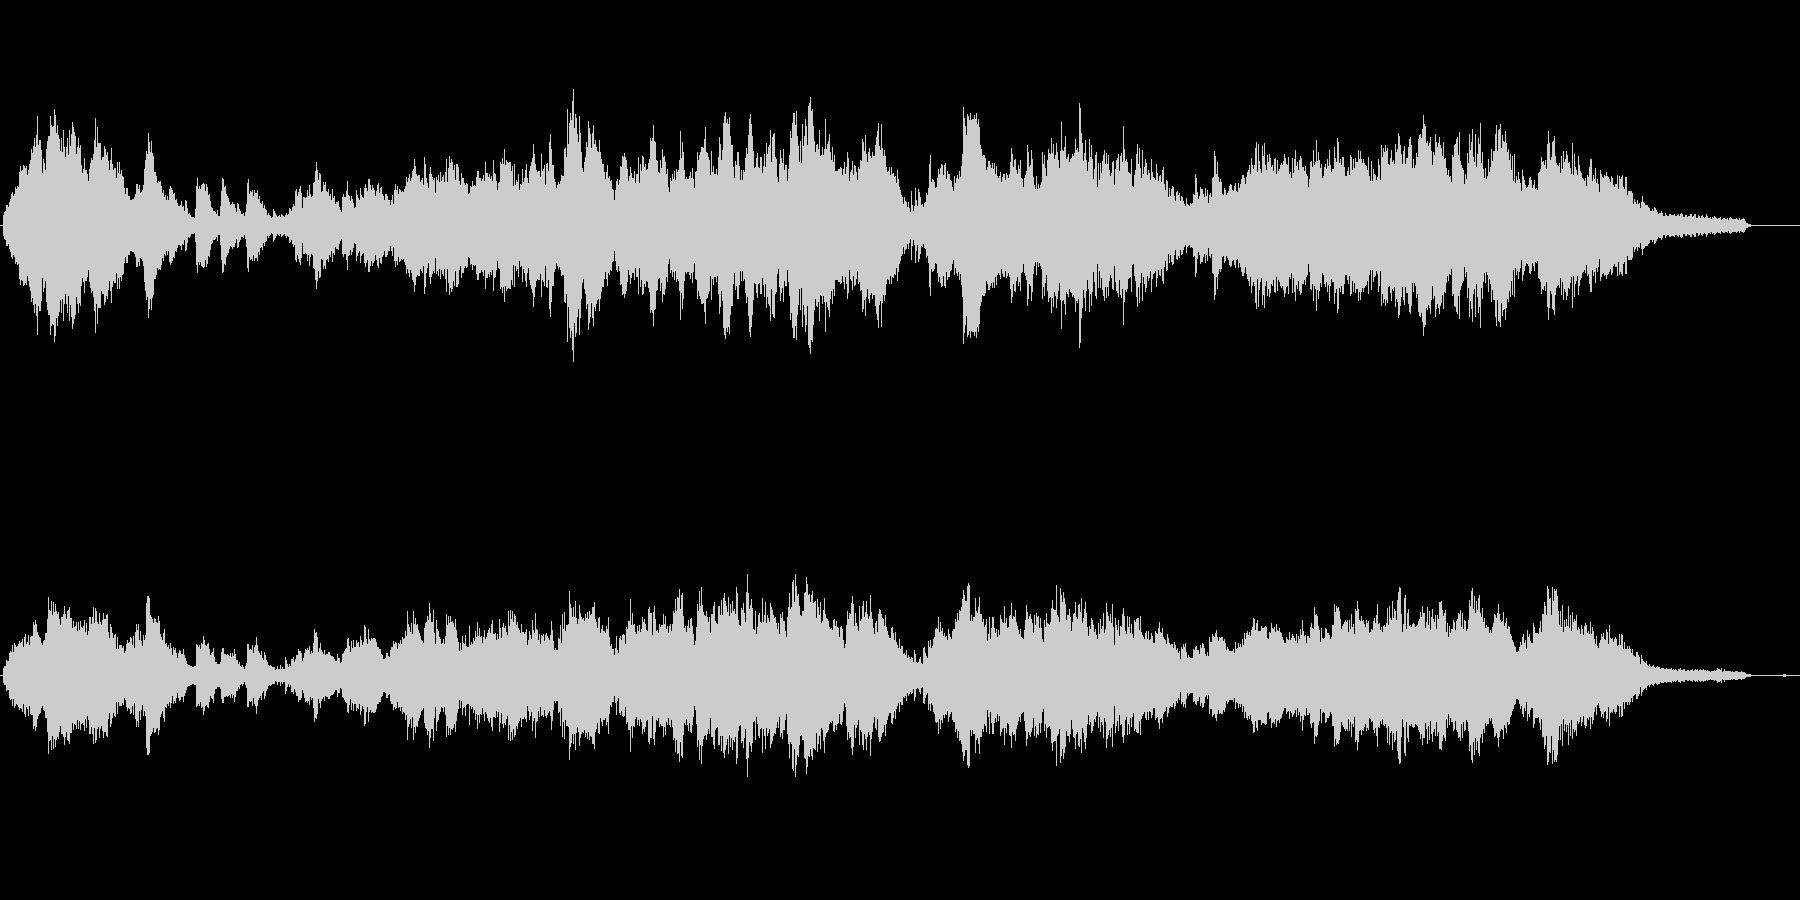 高速ピアノ曲、キラキラ輝くイメージの未再生の波形